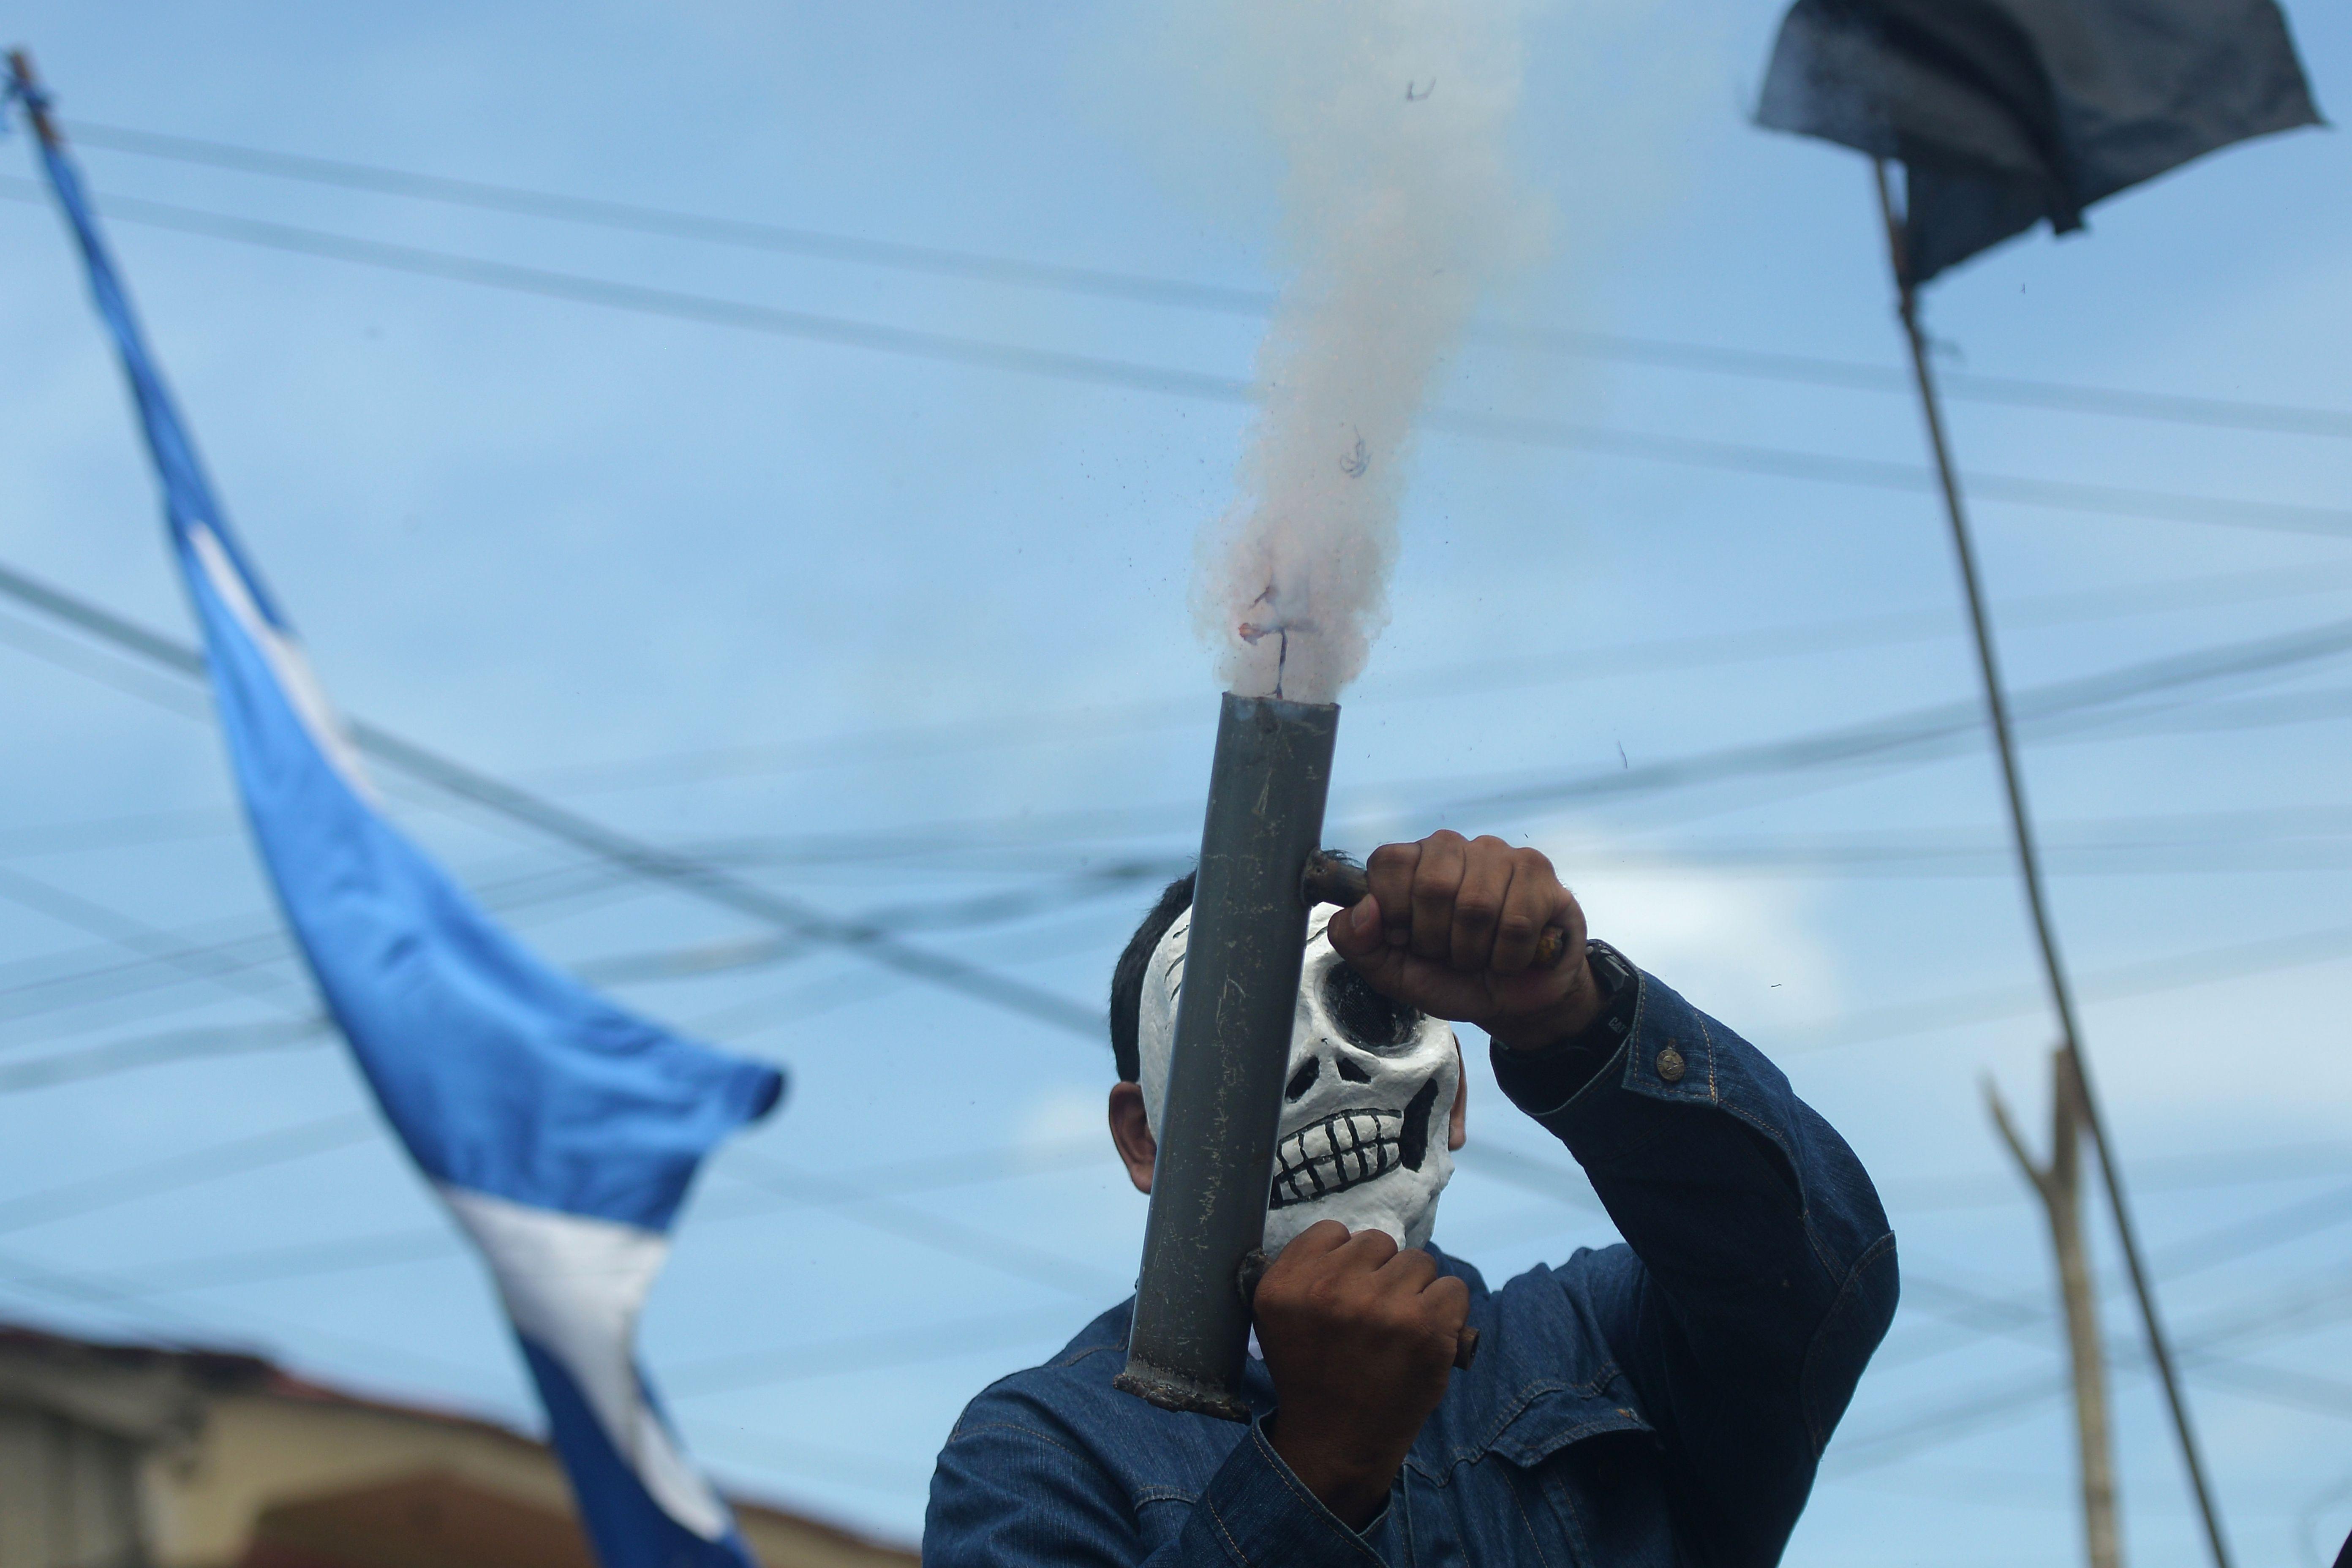 متظاهر يطلق قذيفة